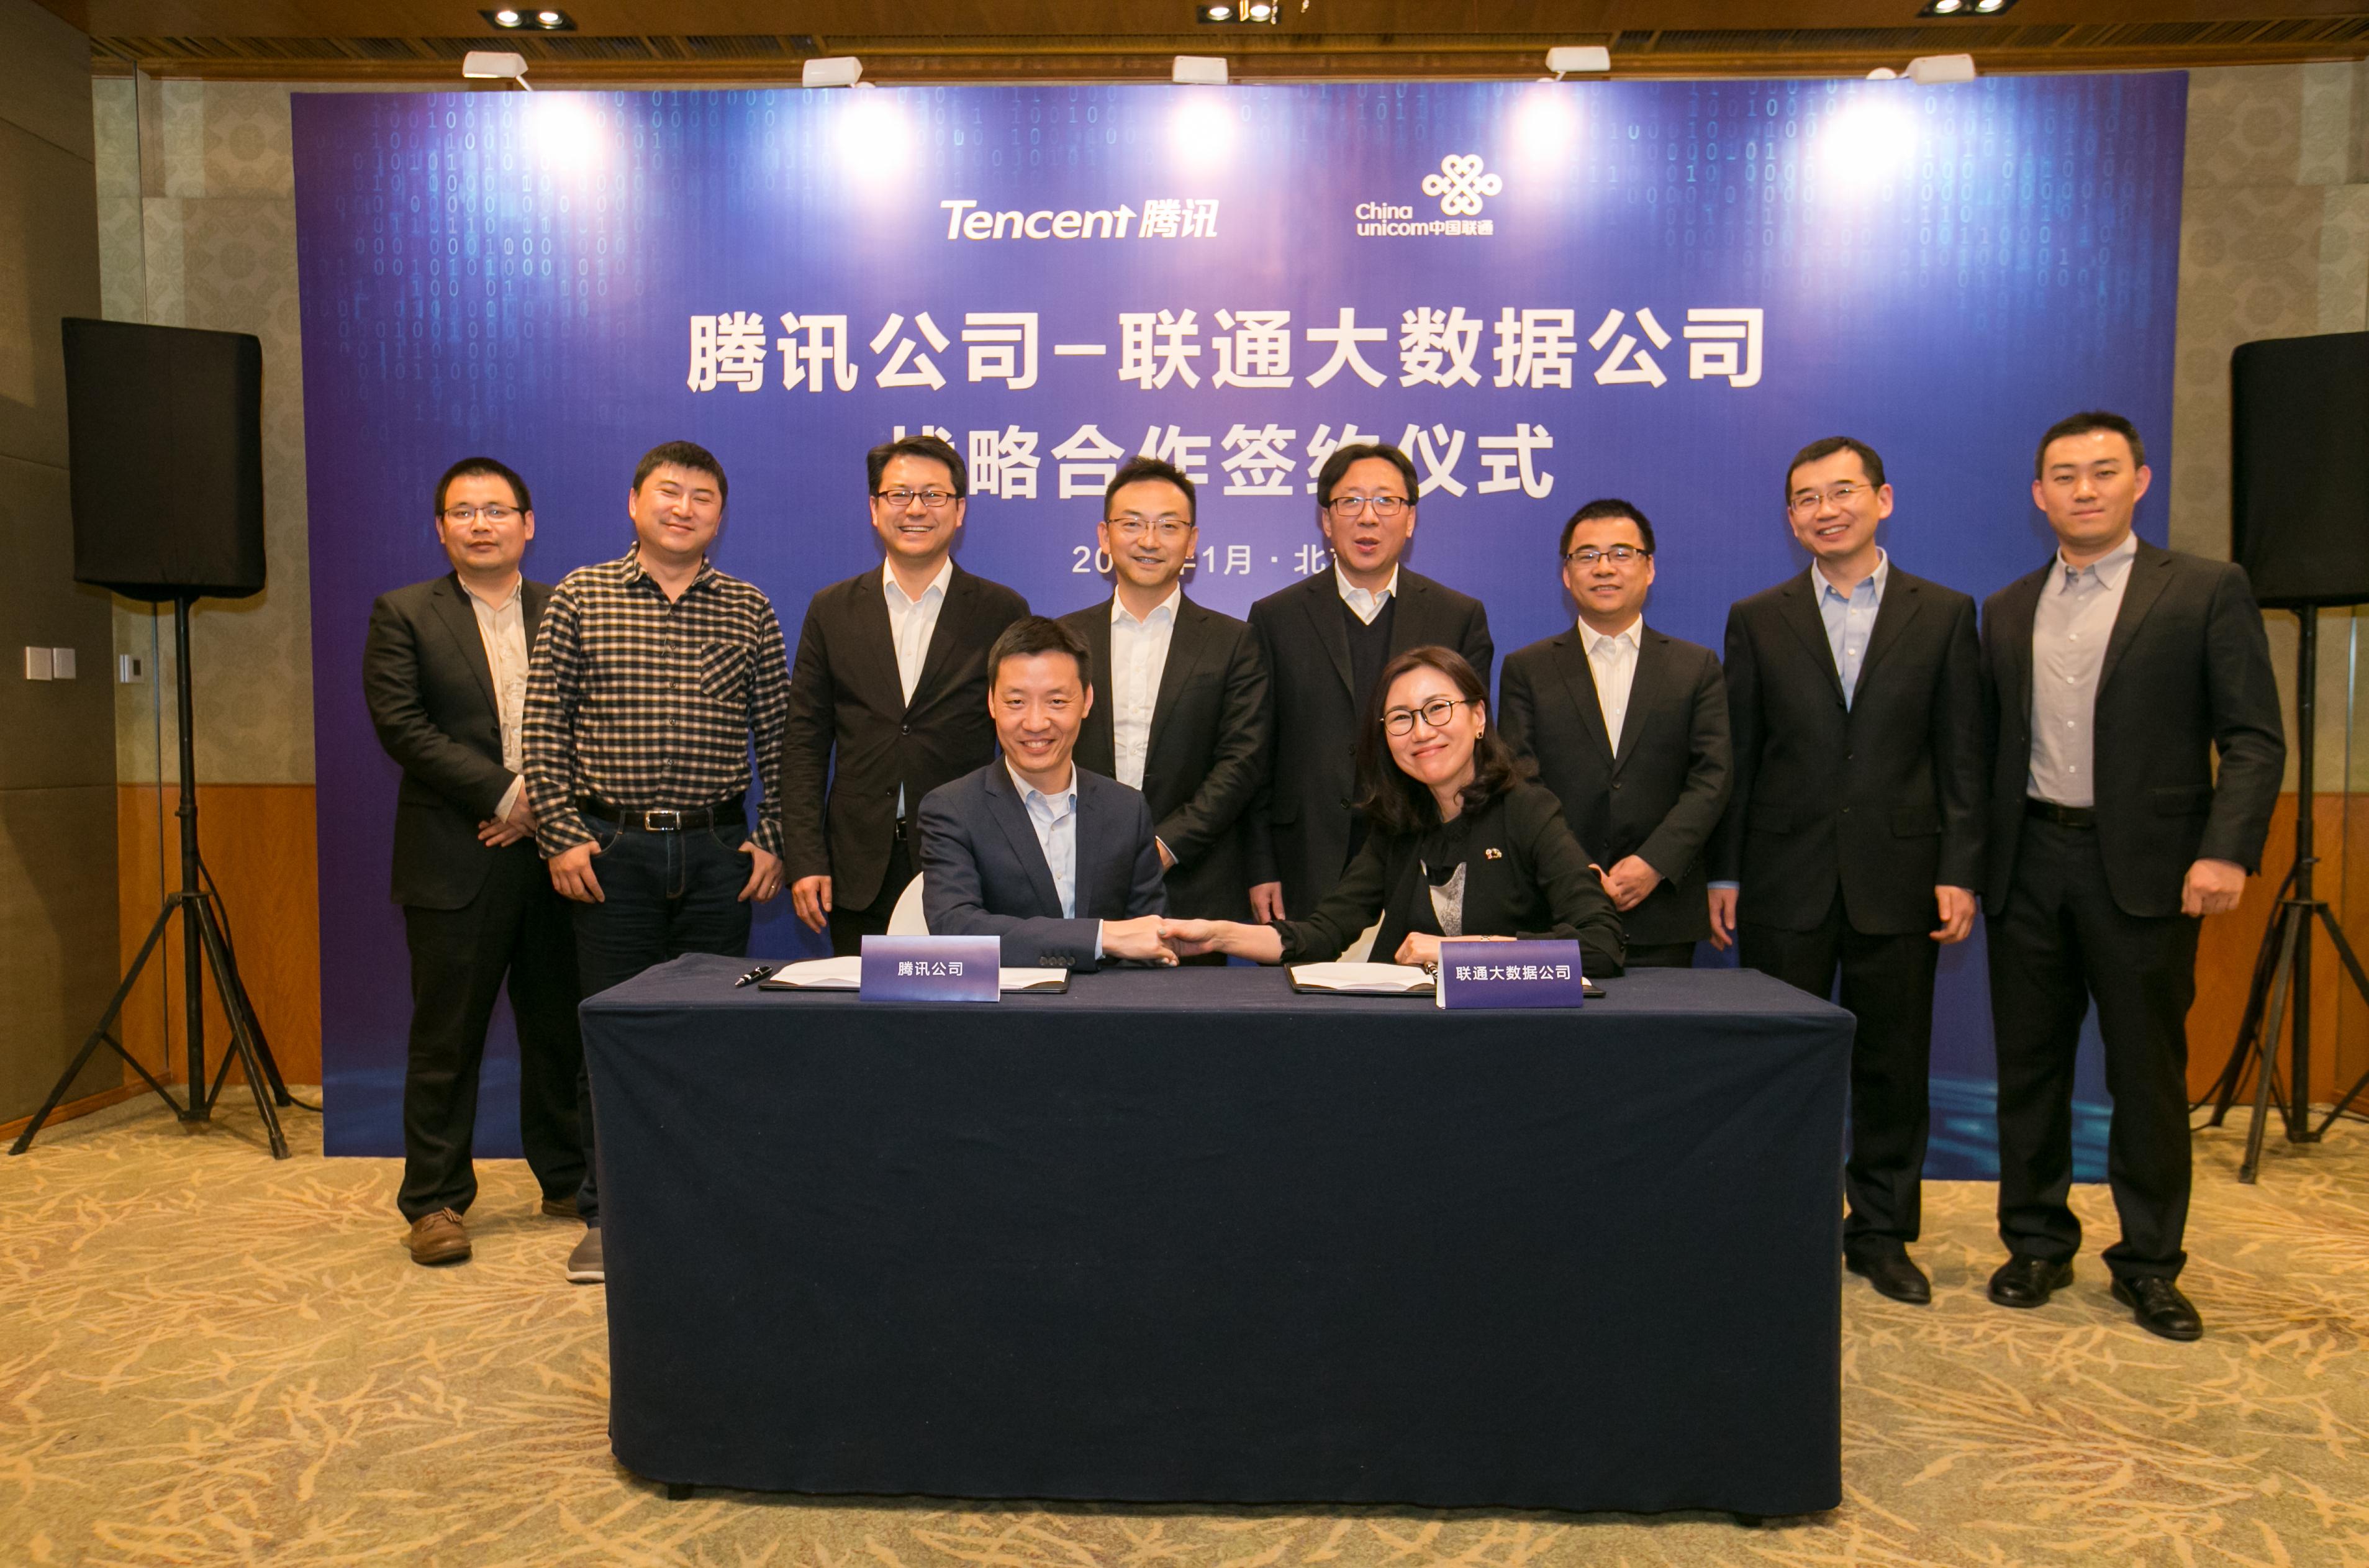 联通大数据和腾讯签署战略合作协议 其合作的王卡用户数破5000万